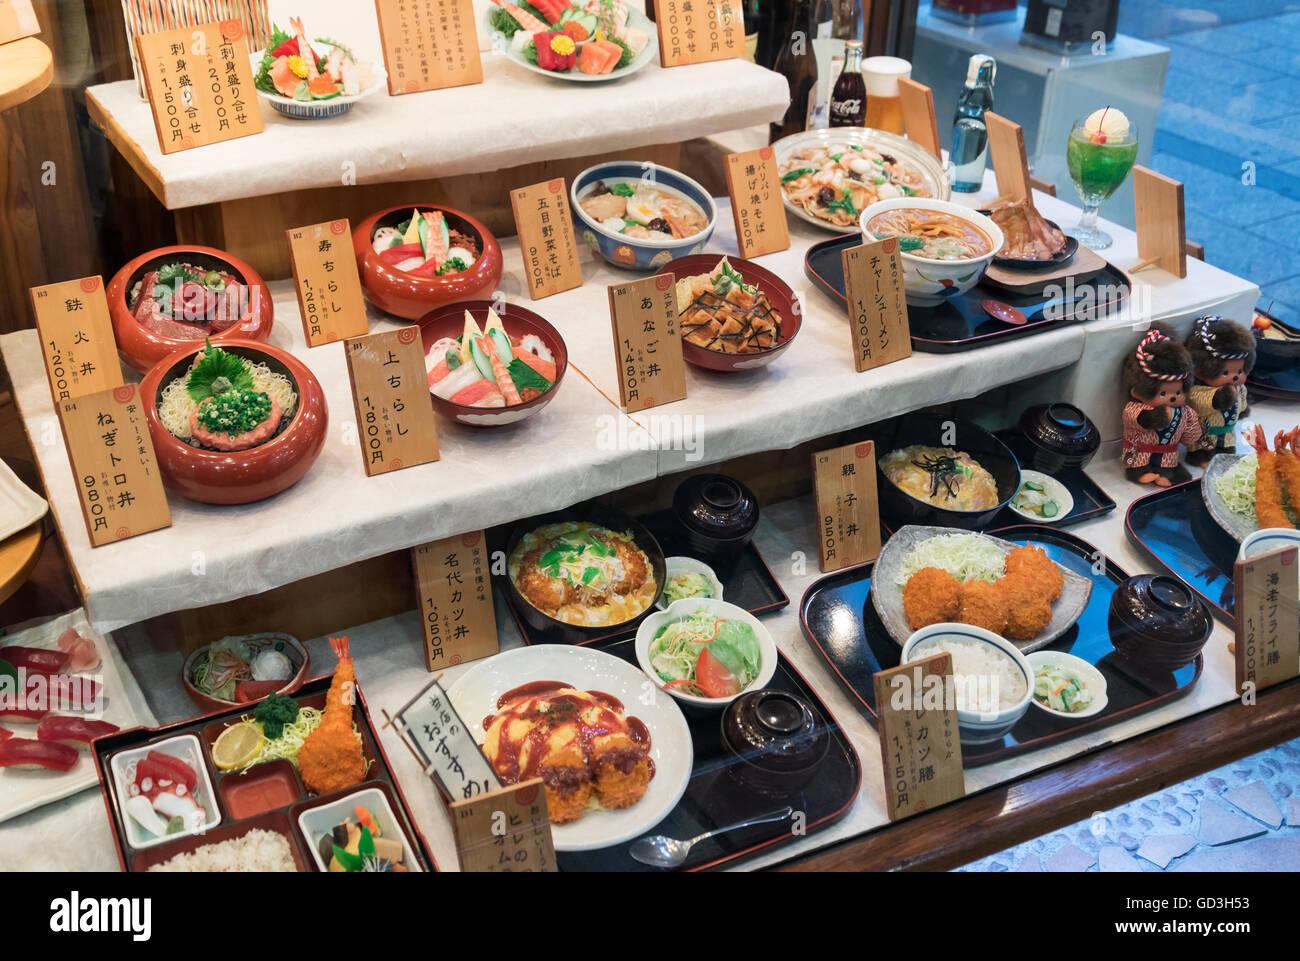 Sampuru, répliques en plastique de repas servis dans les restaurants japonais, Tokyo, Japon Photo Stock